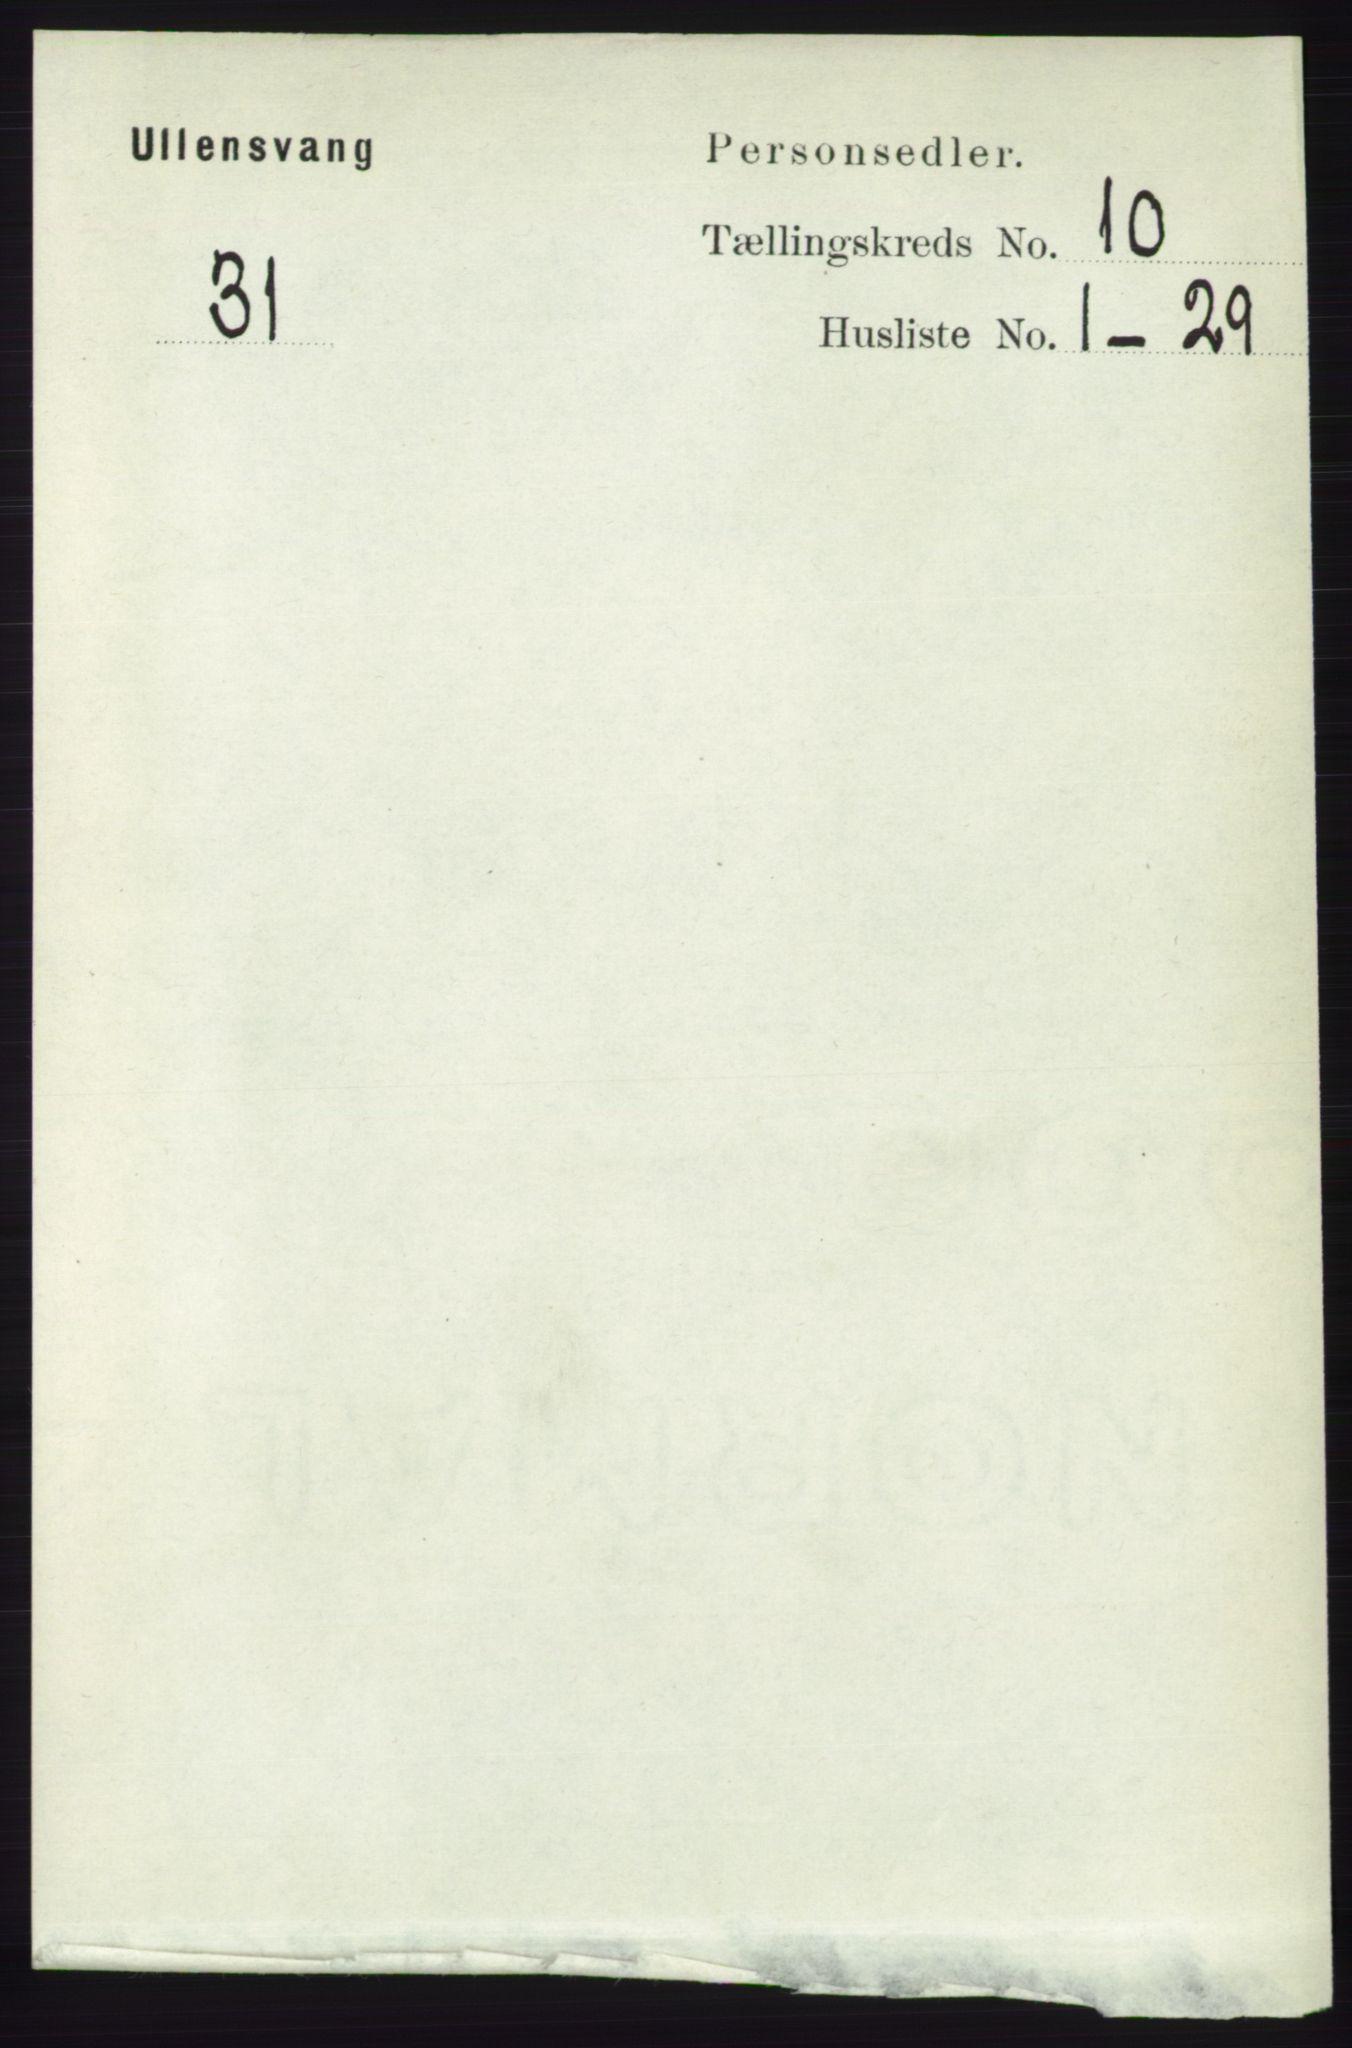 RA, Folketelling 1891 for 1230 Ullensvang herred, 1891, s. 3748